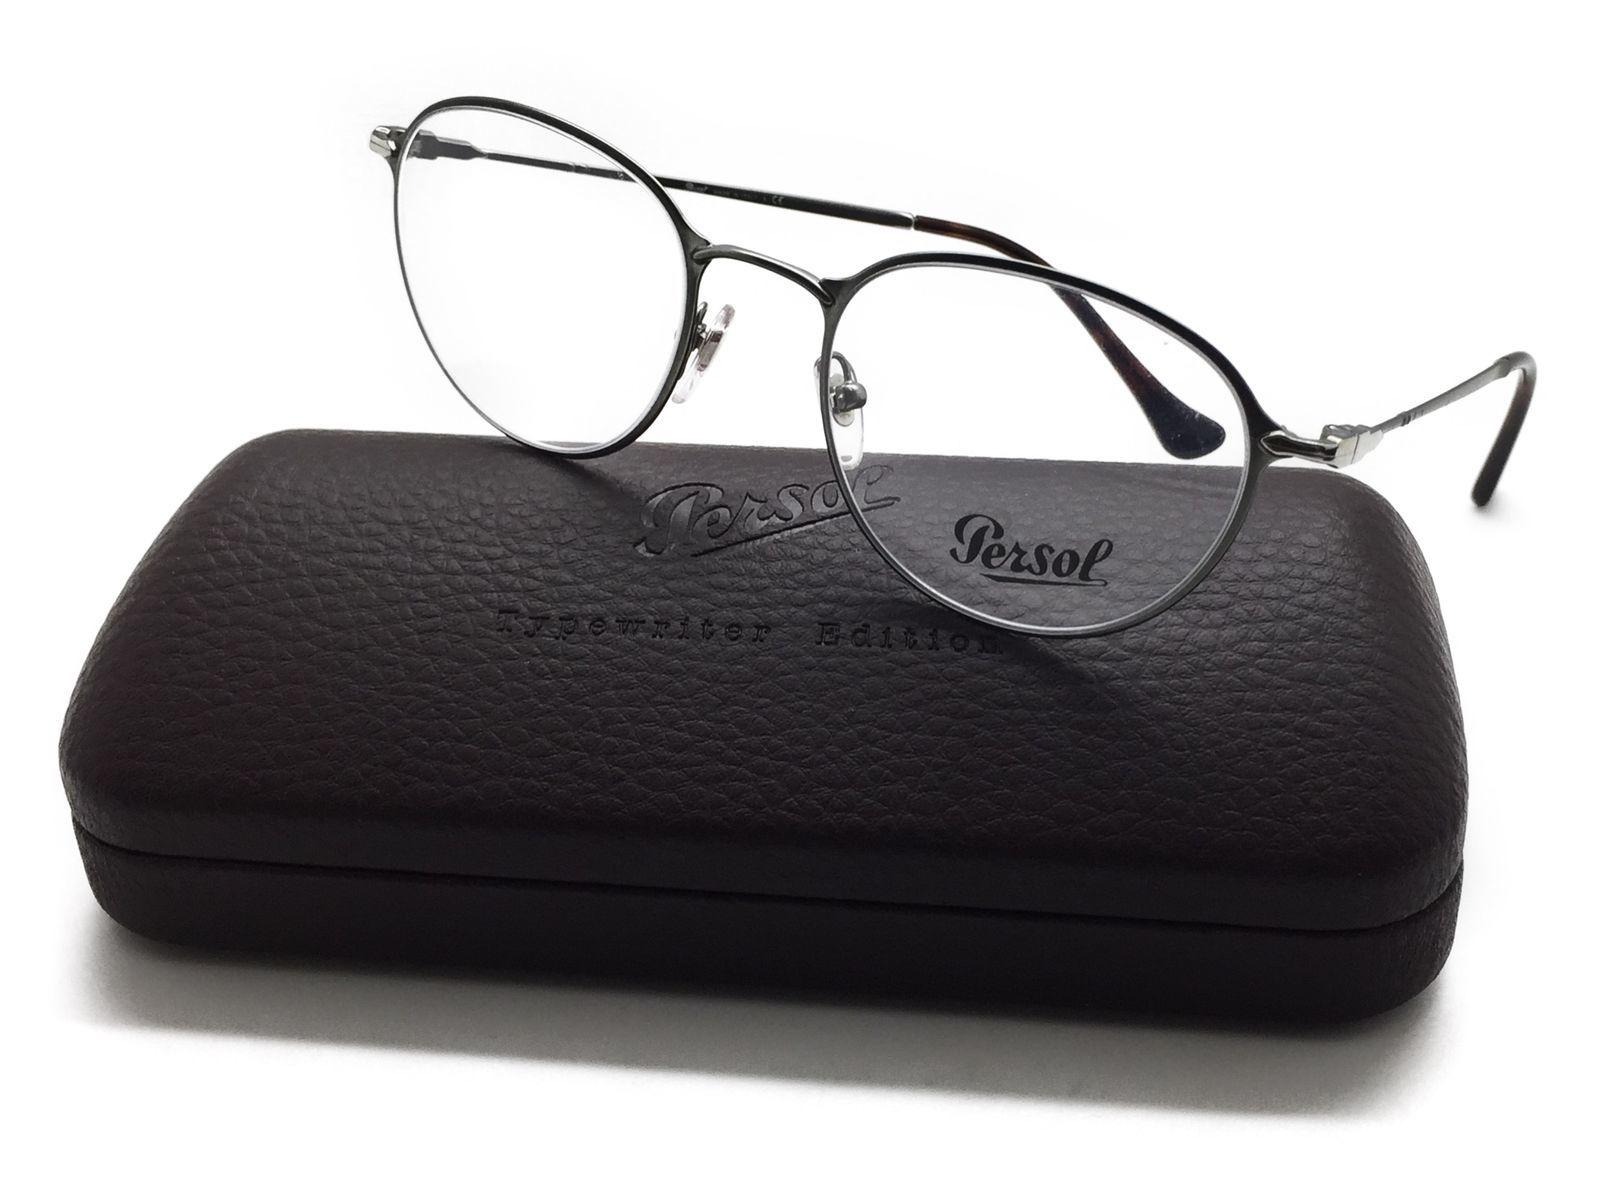 577f3ab04a5a6 Persol Round Metal GUNMETAL Eyeglasses PO 2426 V 1052 50MM -  99.97